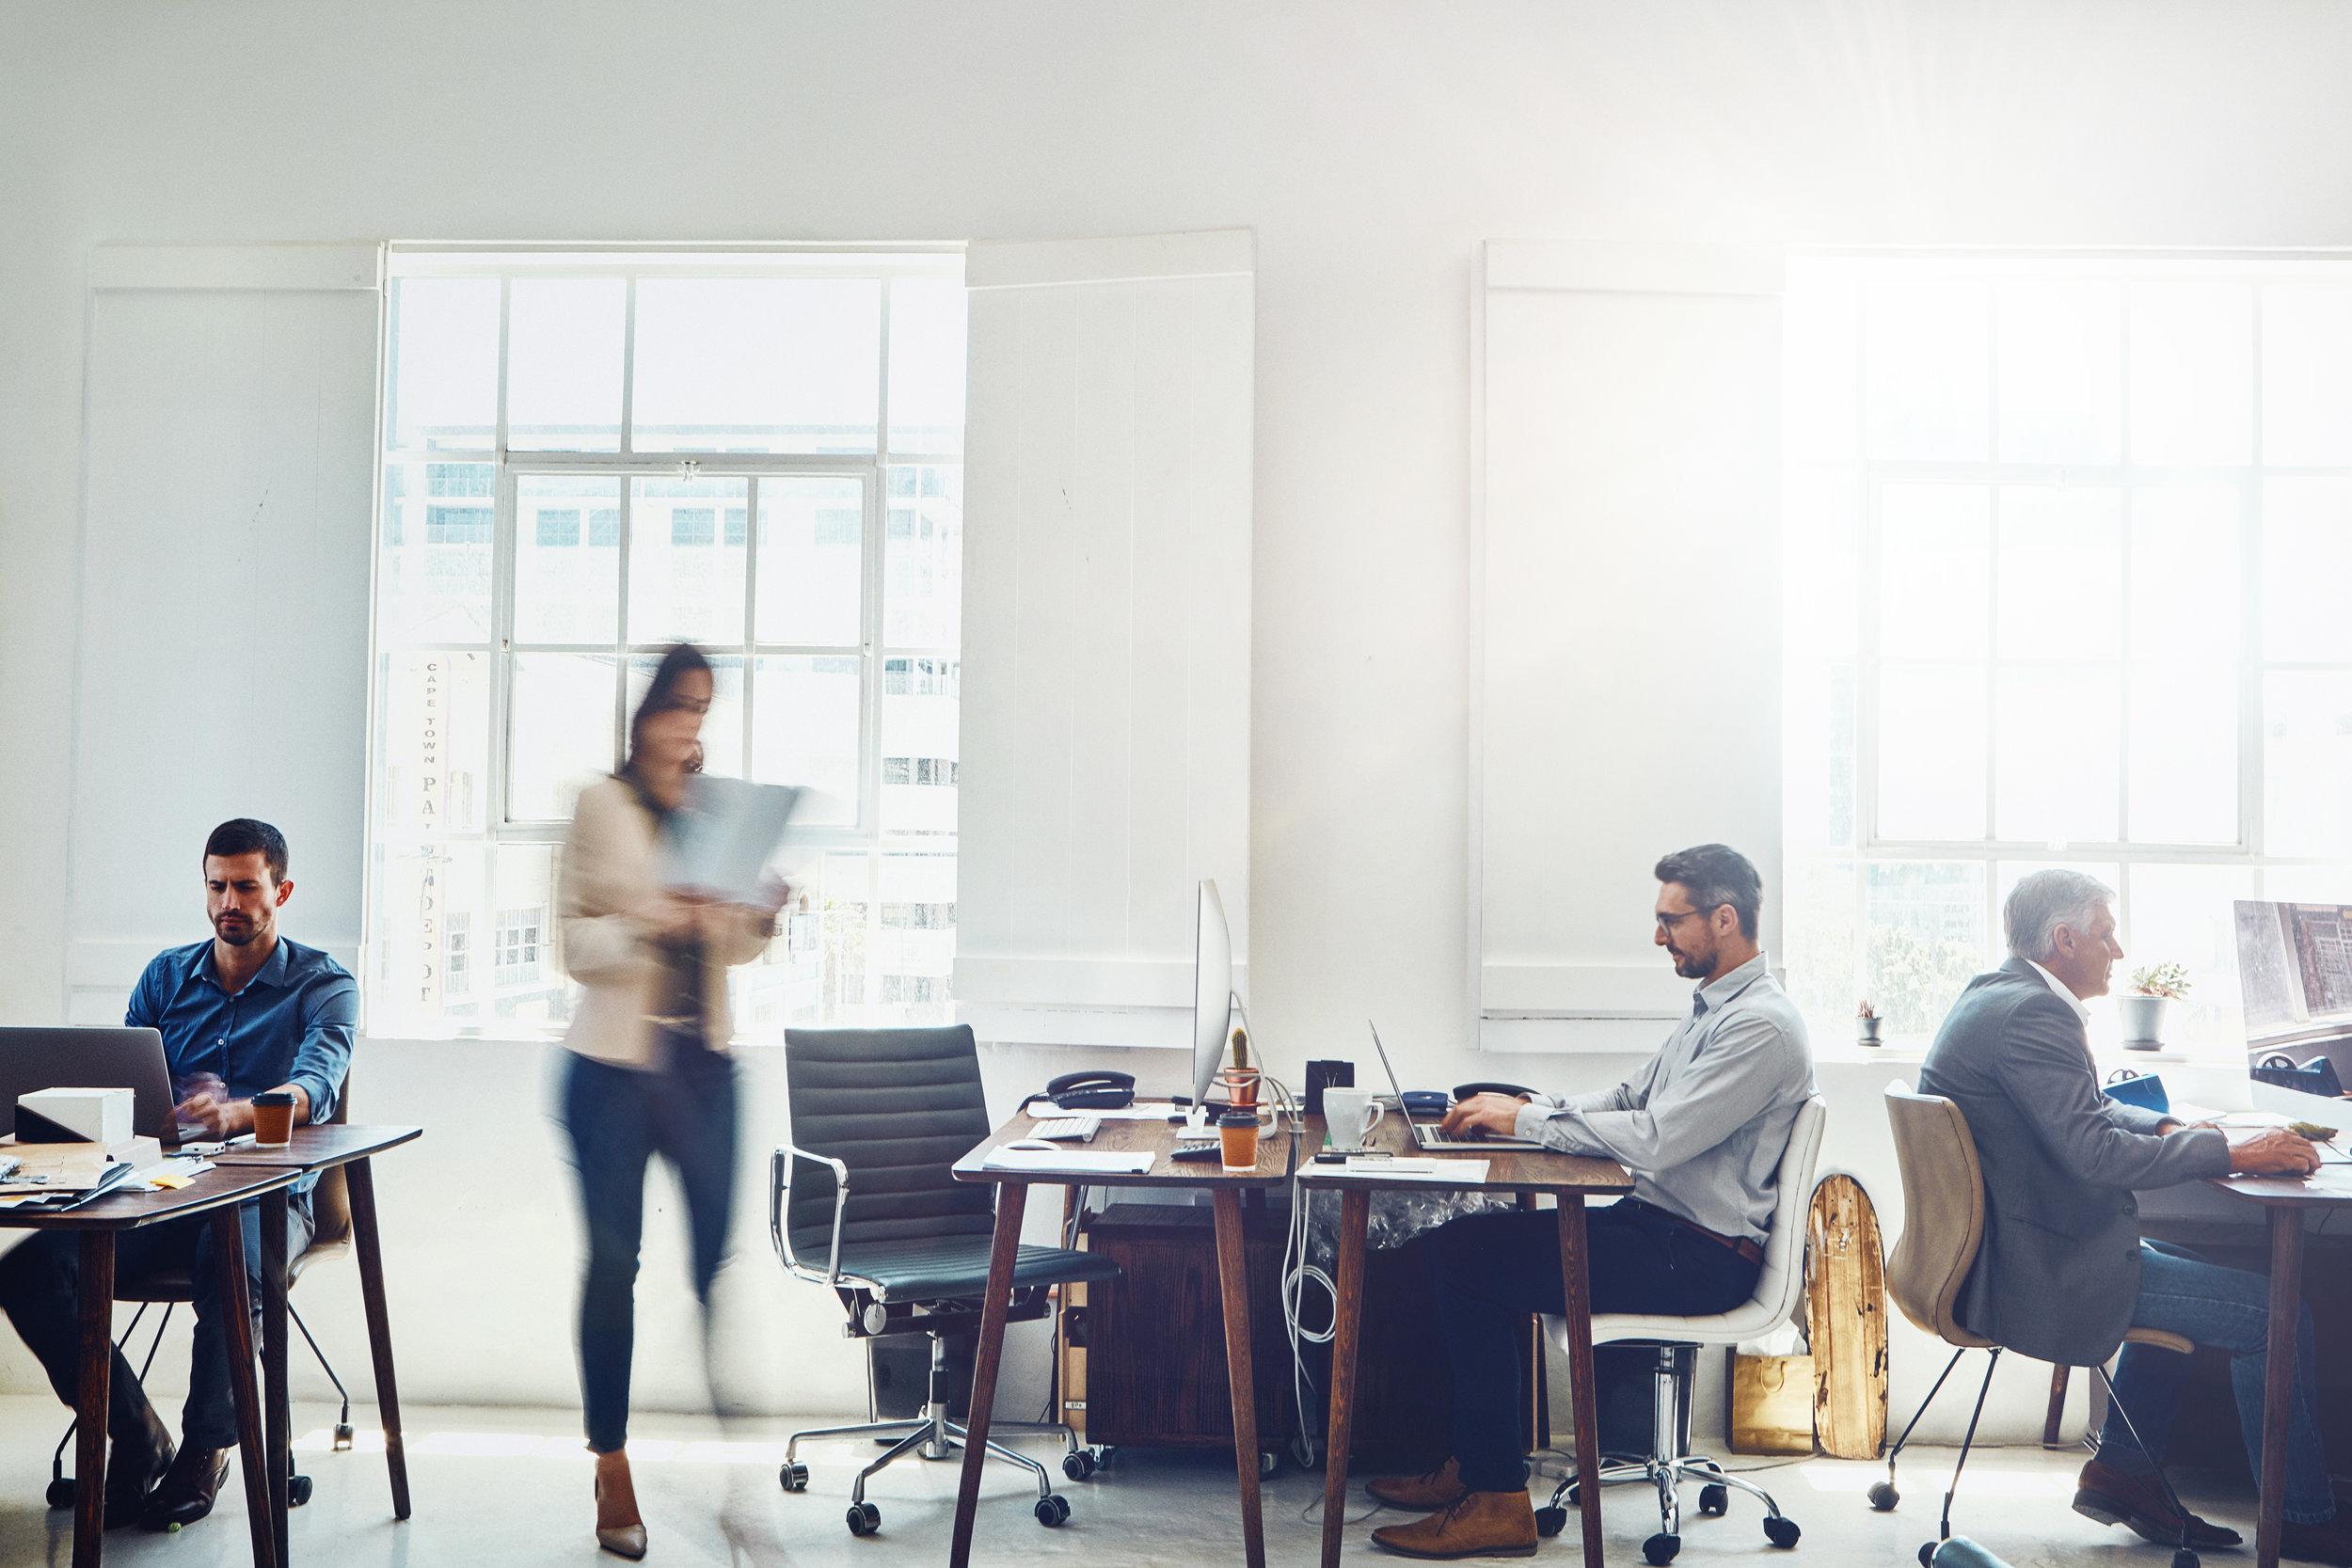 Uppstartsinvestering - Förutom er som har en etablerad verksamhet vill vi komma i kontakt med dig som är anställd inom ett bristyrke idag - men som som inte kan ta uppstartskostnaden av en verksamhet själv. Exempel på din yrkesbakgrund kan vara ingenjör, VVS-tekniker, programmerare, vårdpersonal eller annat bristyrke. Om du matchar denna beskrivning och vill kunna växla upp ditt företag snabbt tillsammans med oss - ta kontakt!